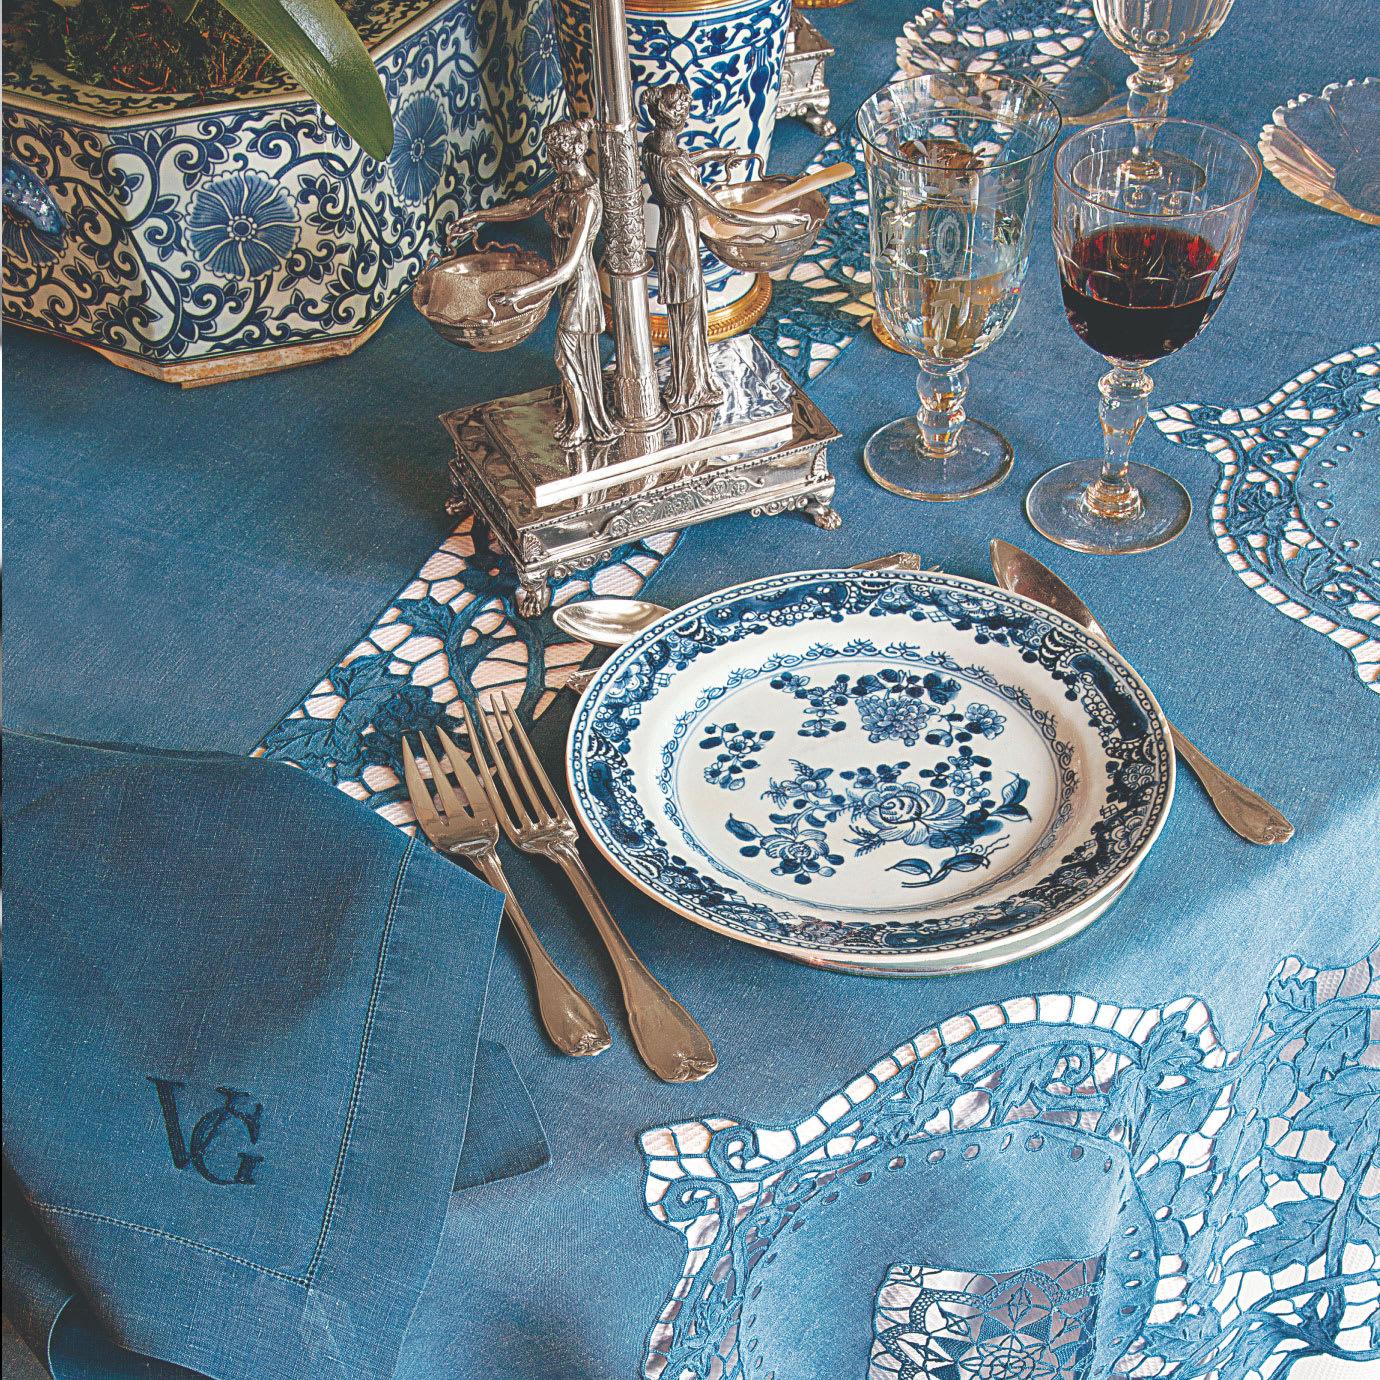 An ornate dinner setting.